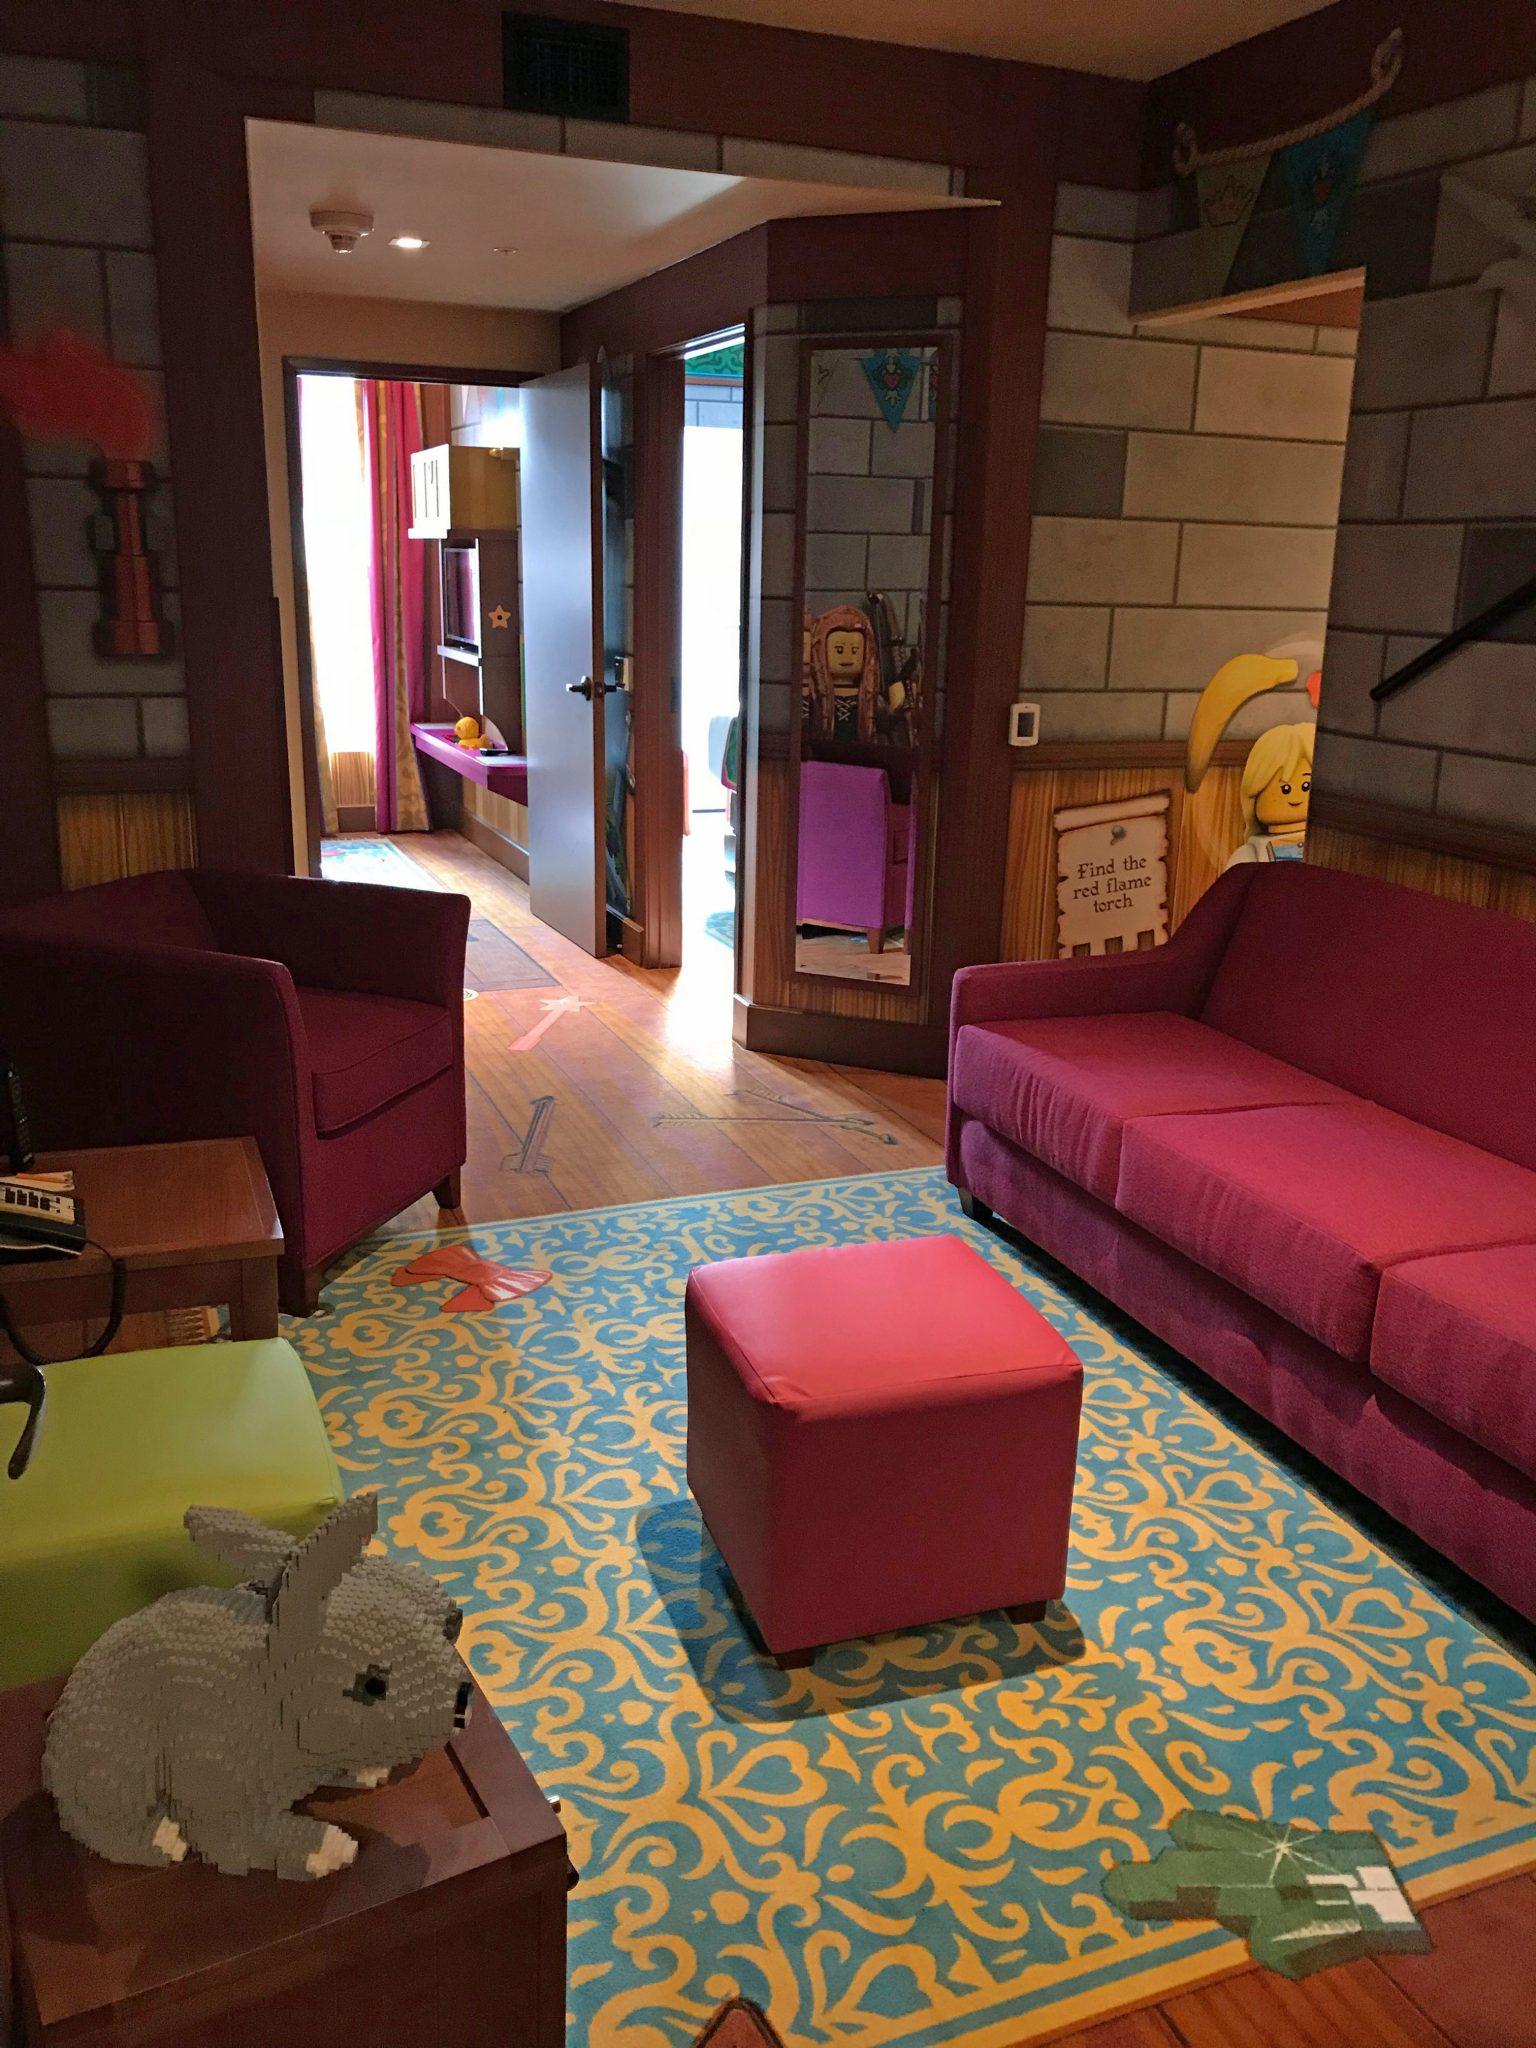 LEGOLAND Castle Hotel Suite sitting area